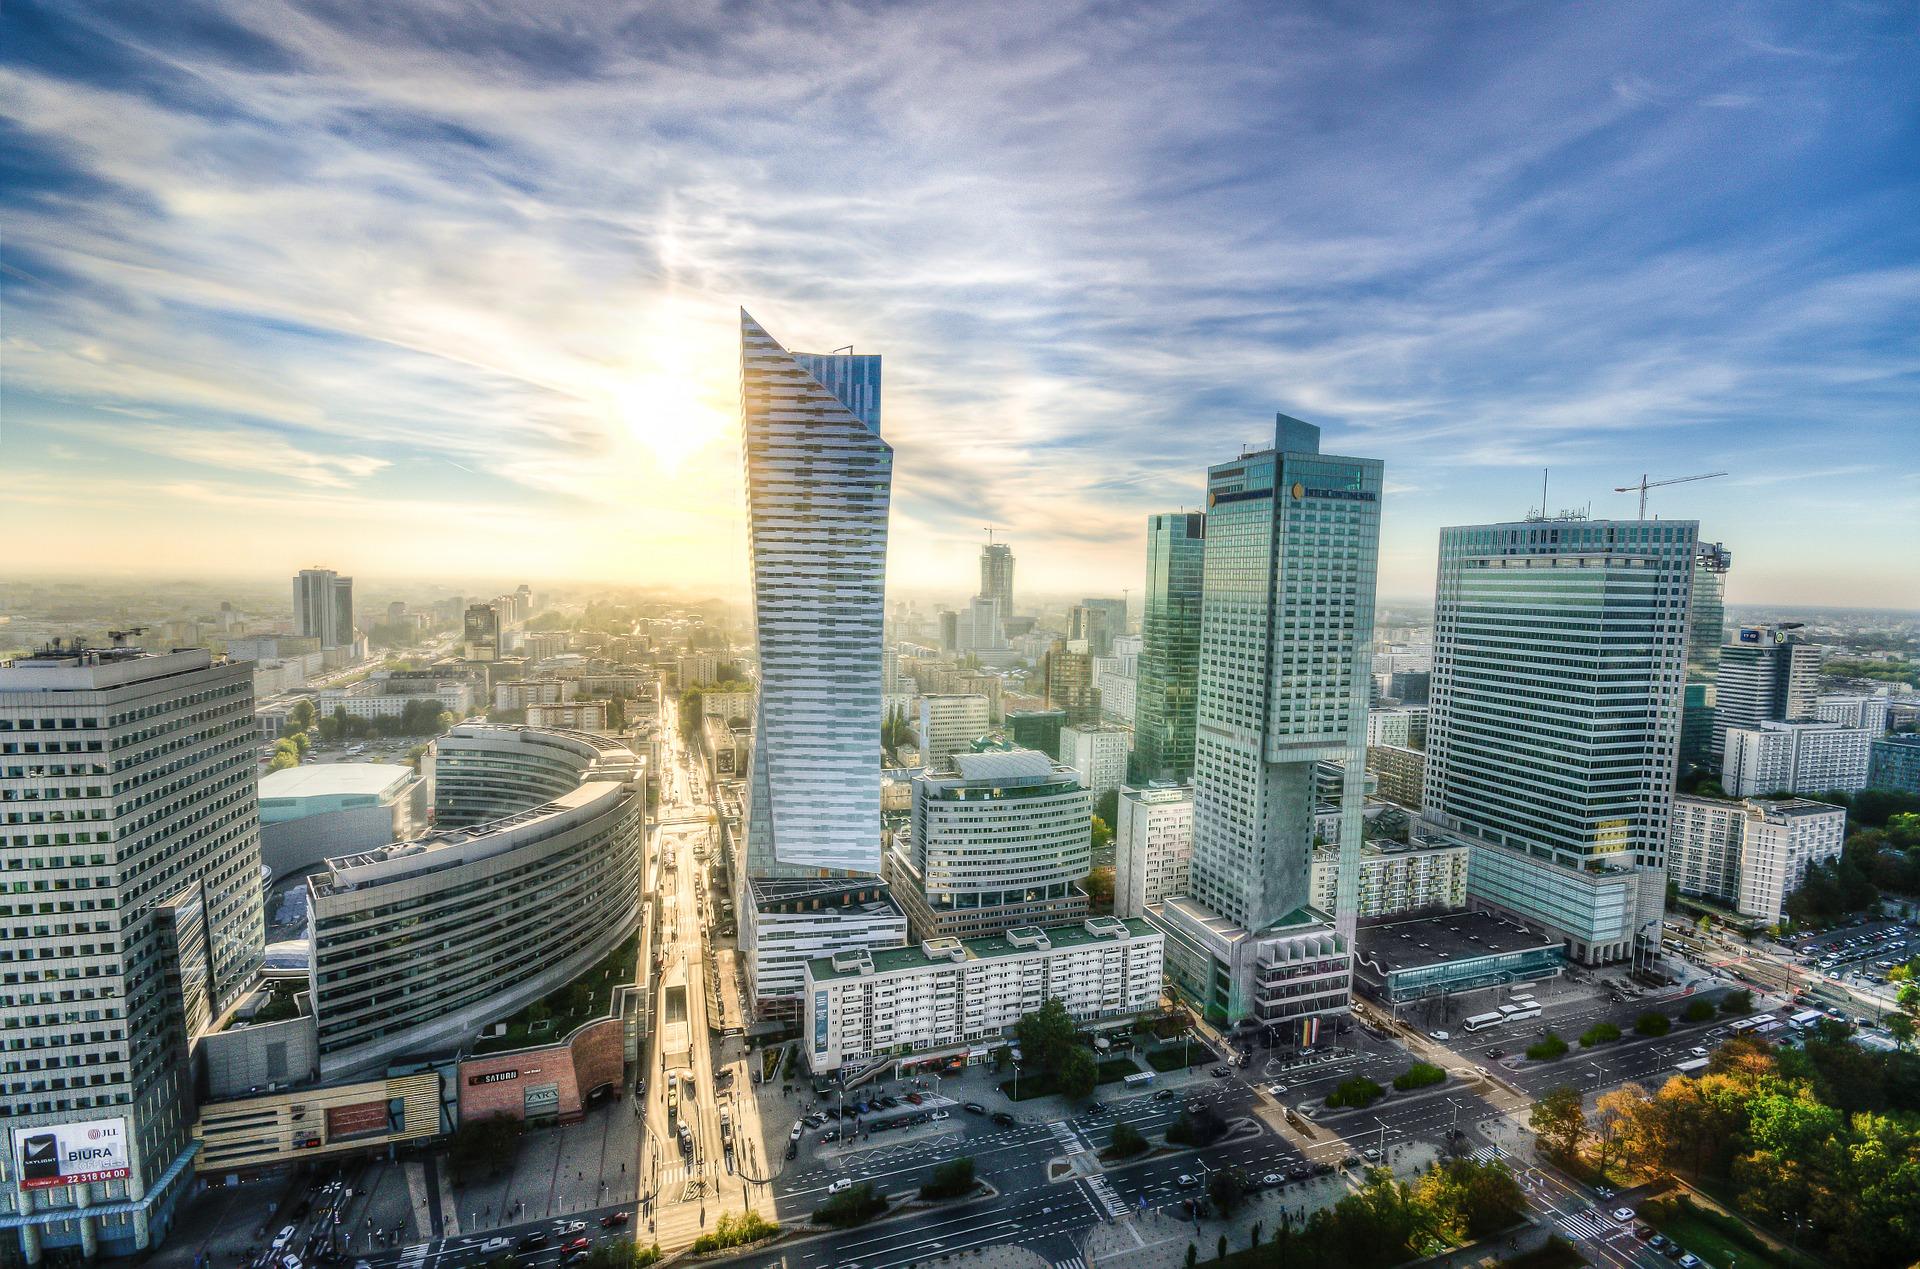 Przeprowadzka Ursynów? – Ranking najlepszych dzielnic Warszawy